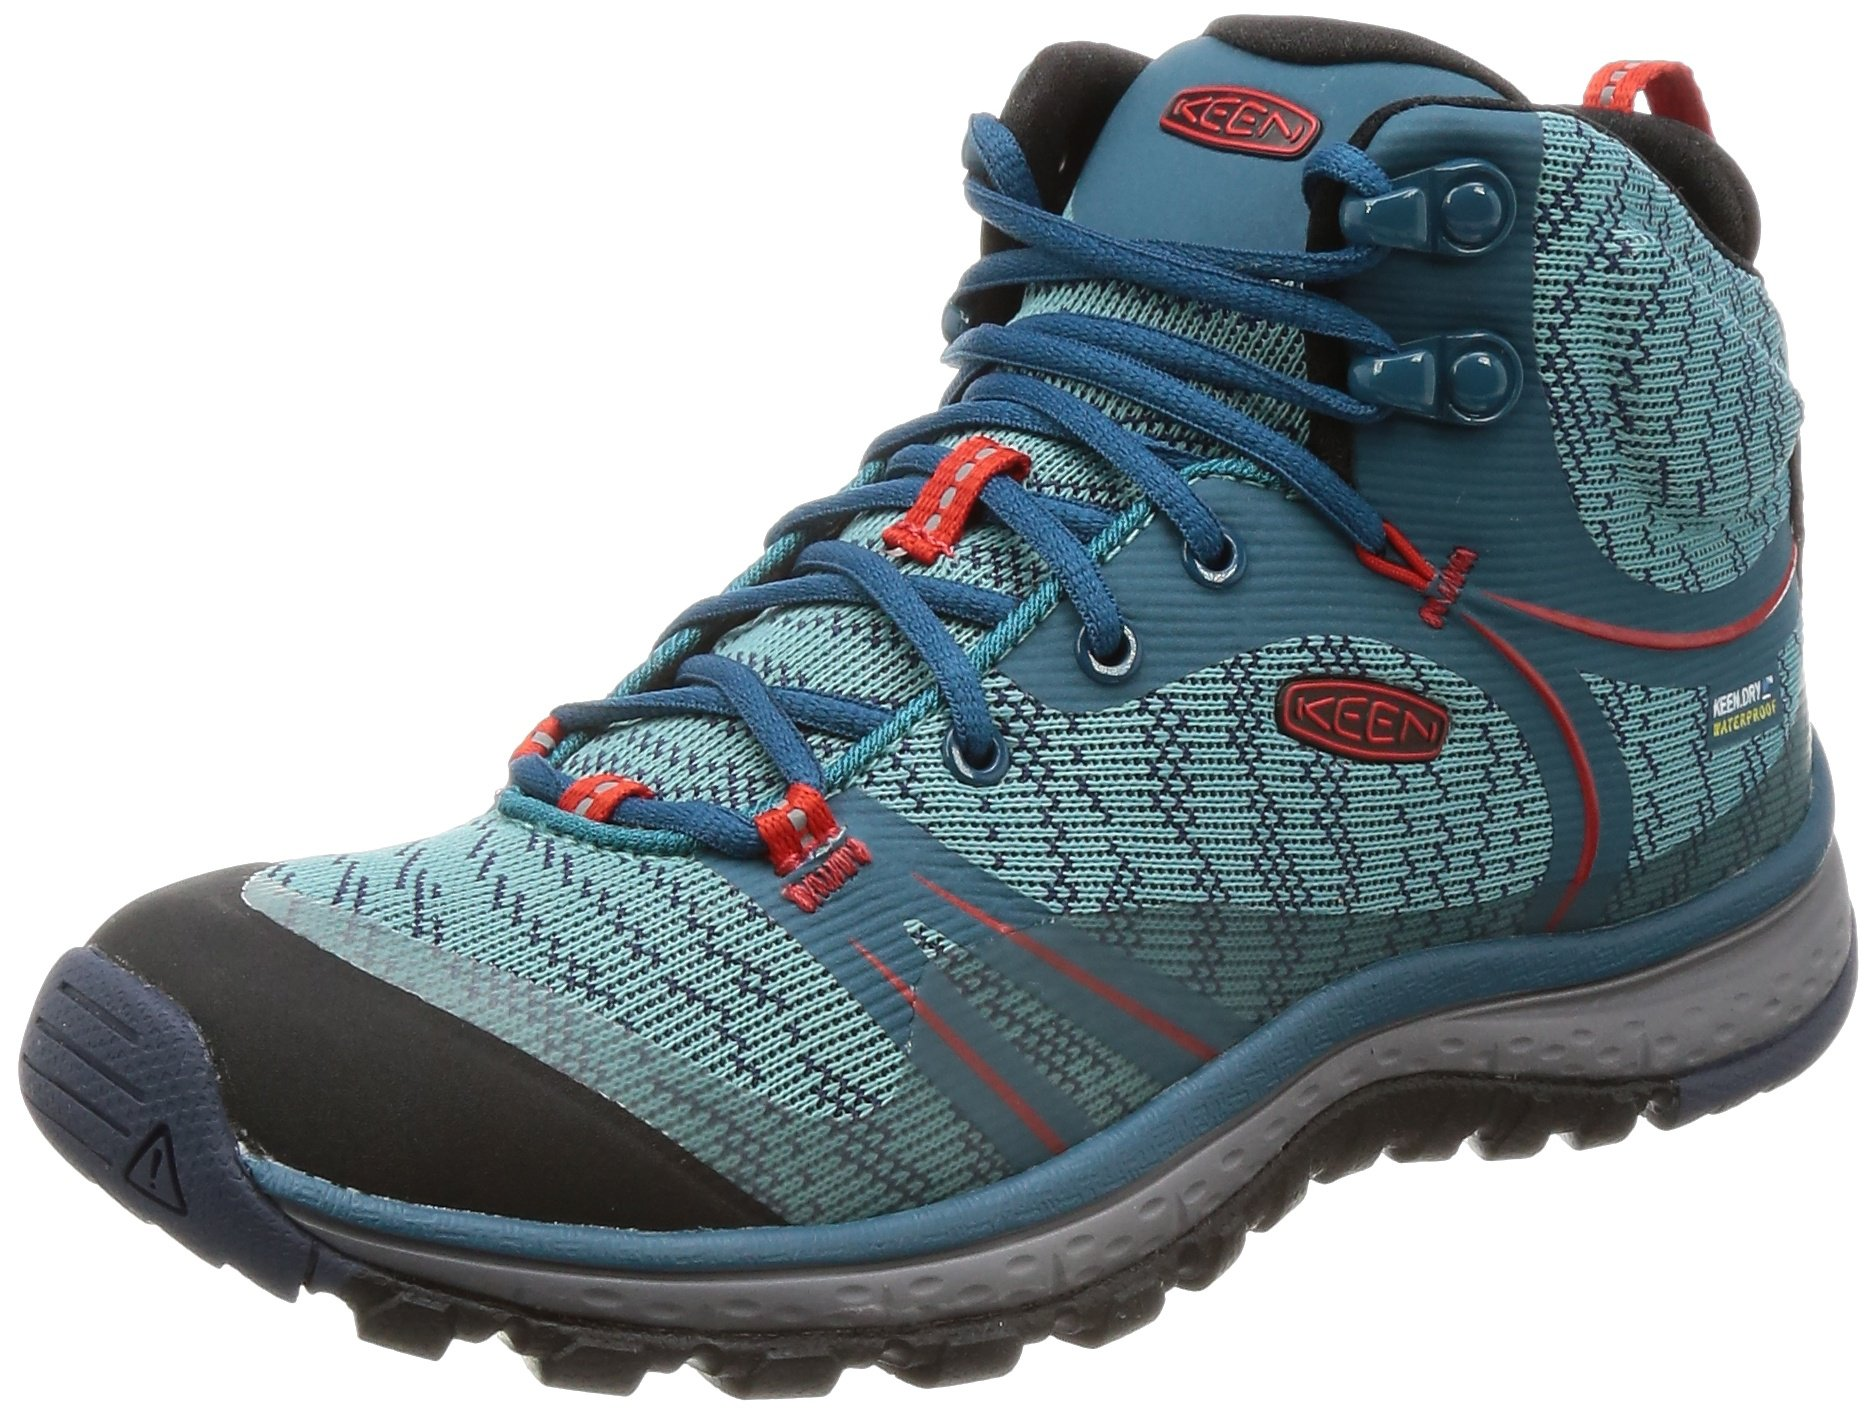 KEEN Women's Terradora Mid WP-w Hiking Shoe, Blue Coral/Fiery Red, 8 M US